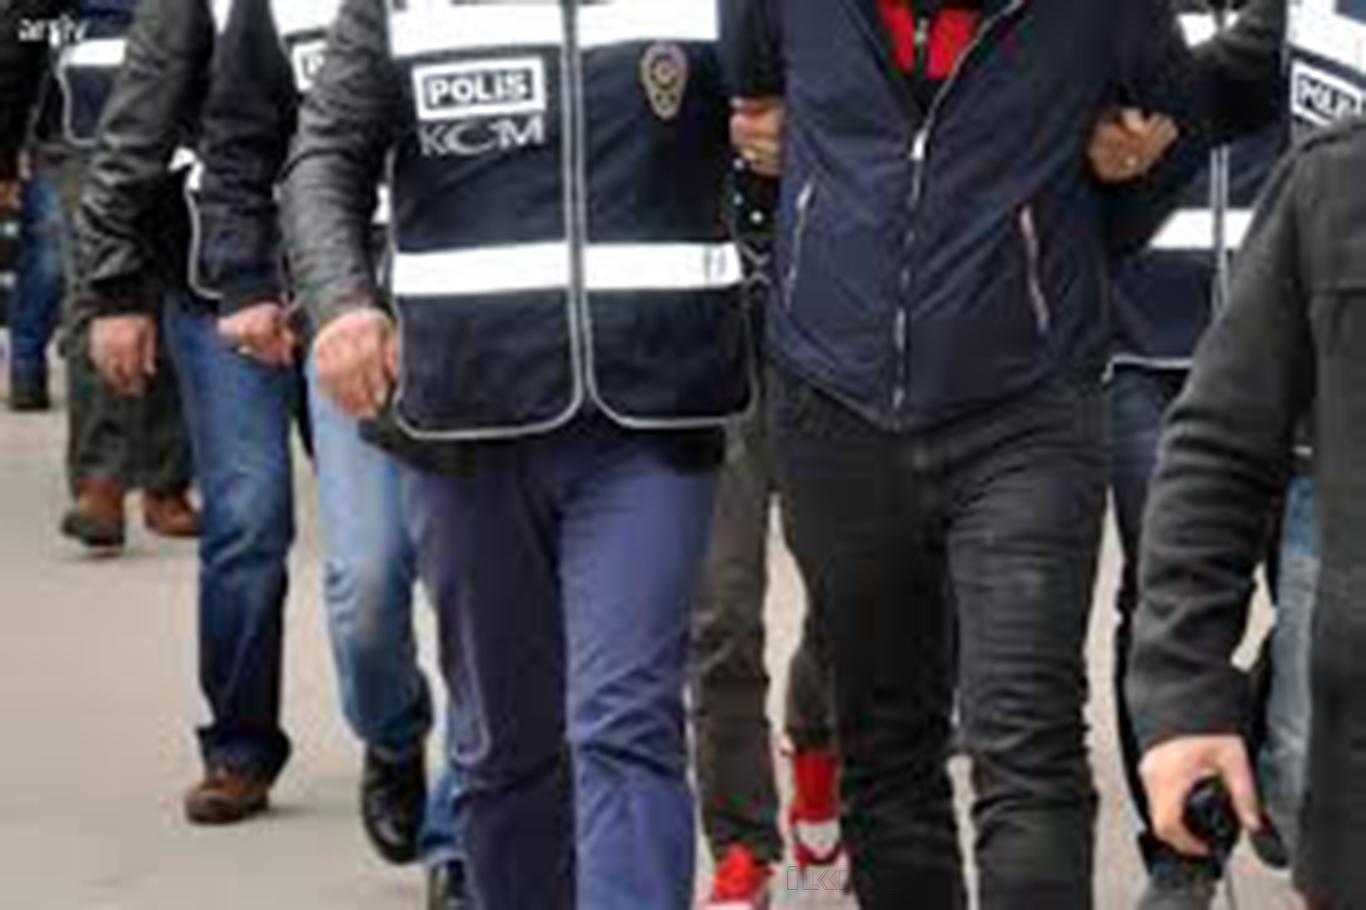 Şanlıurfa'da Hizb-ut Tahrir'e yönelik baskında 11 kişi gözaltına alındı